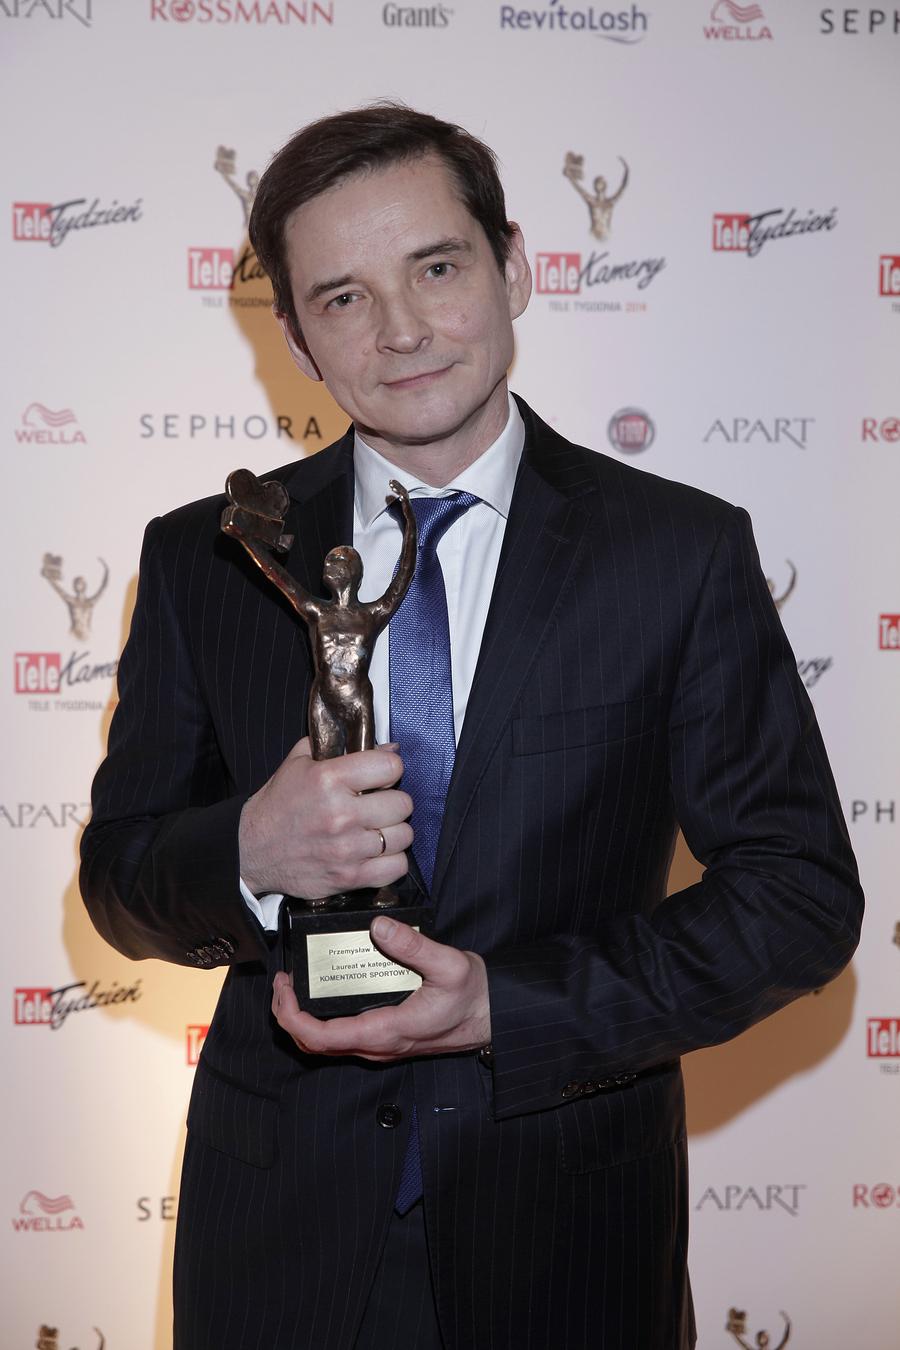 Telekamery - Przemysław Babiarz